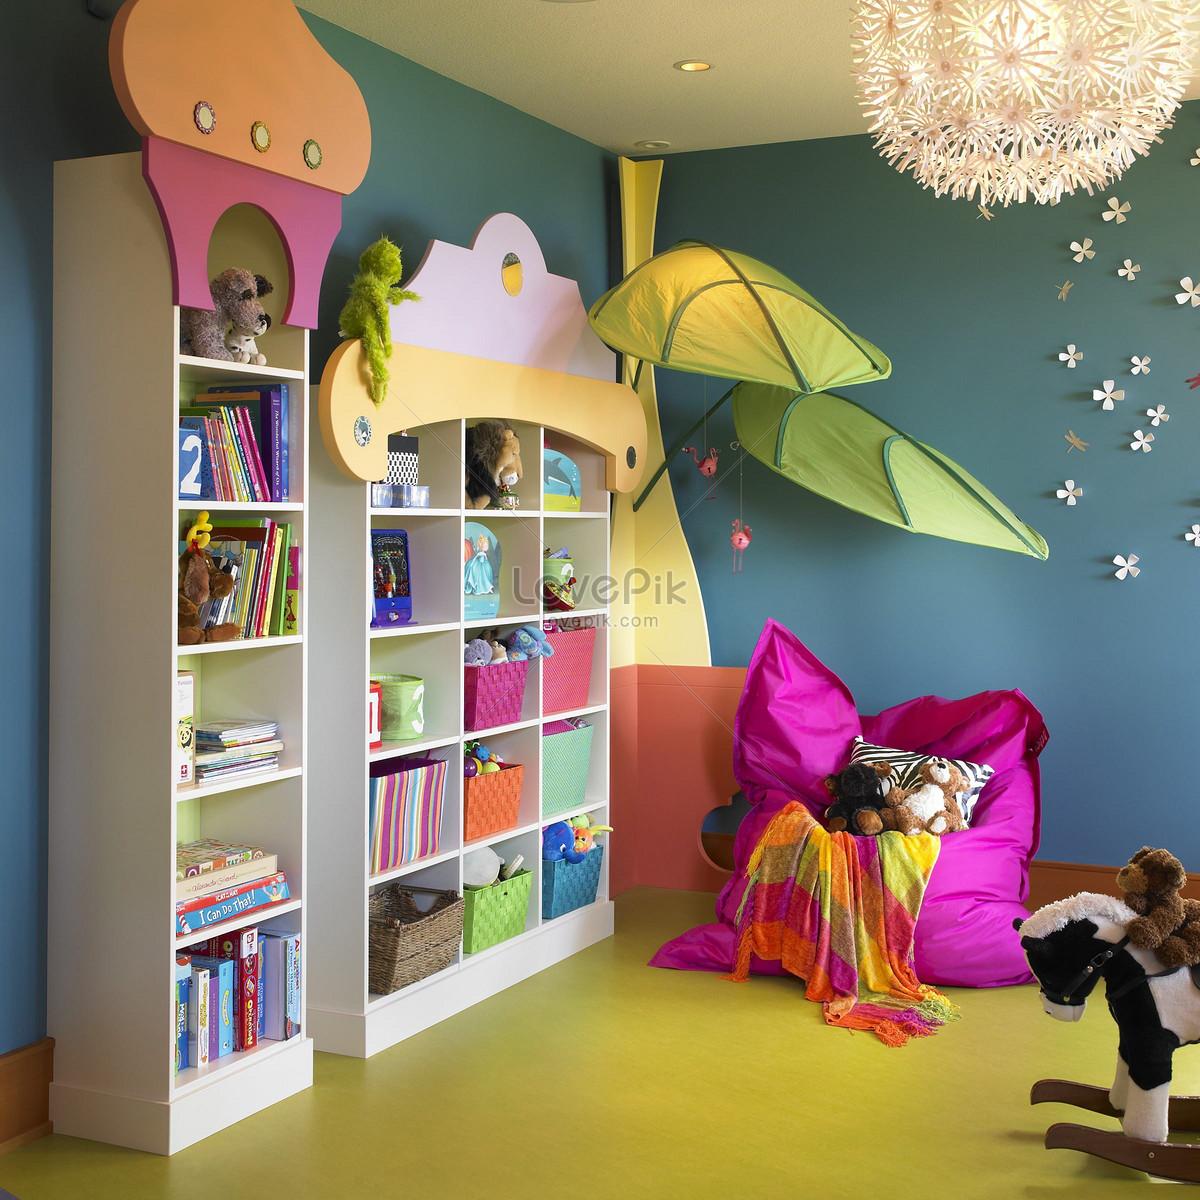 cuarto de juegos para niños Imagen Descargar_PRF Foto 100616540_jpg ...